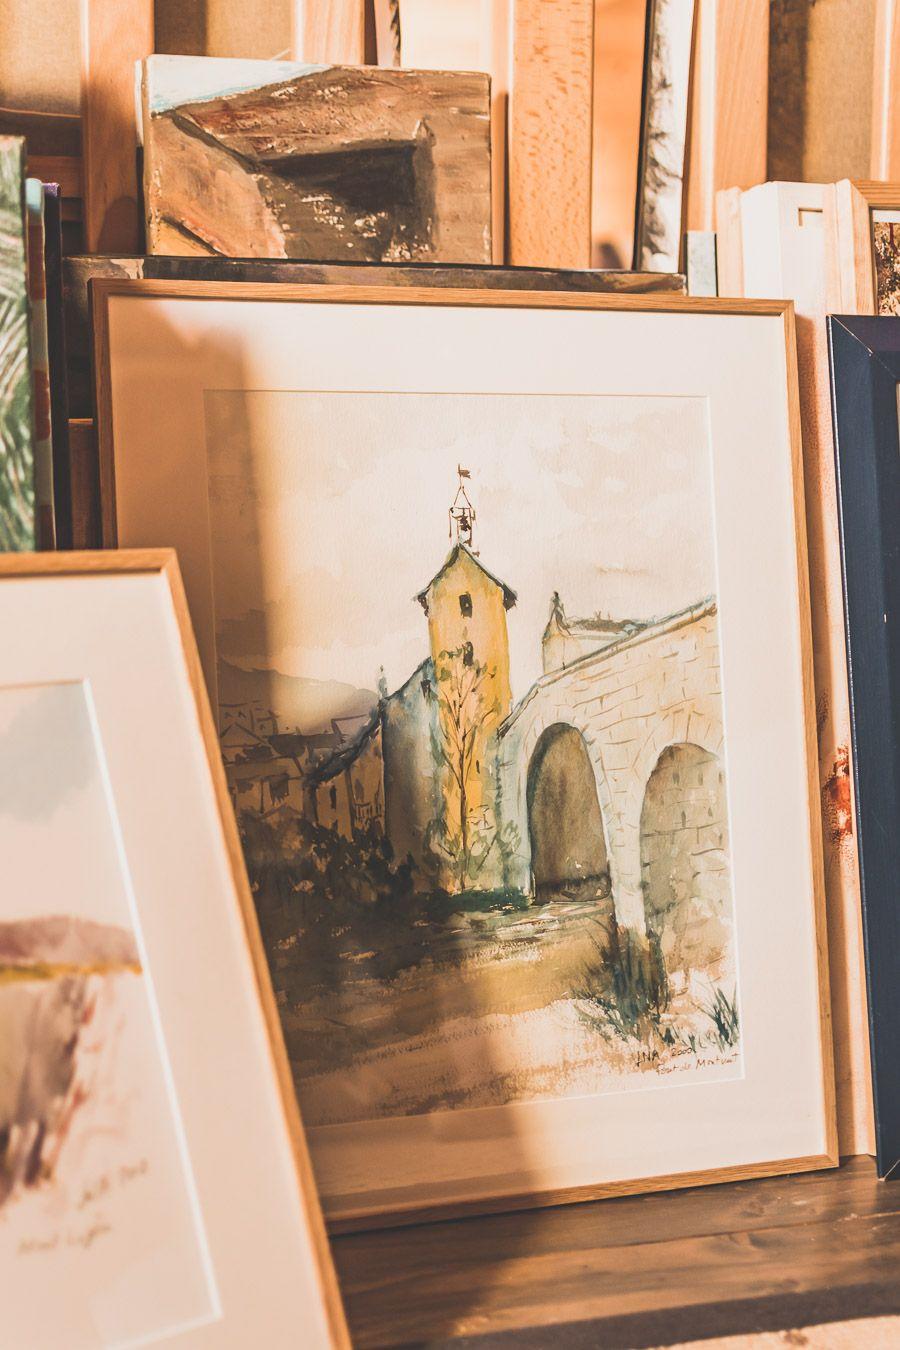 Week-end en Lozère : rencontre avec une artiste locale, Héléna Avron